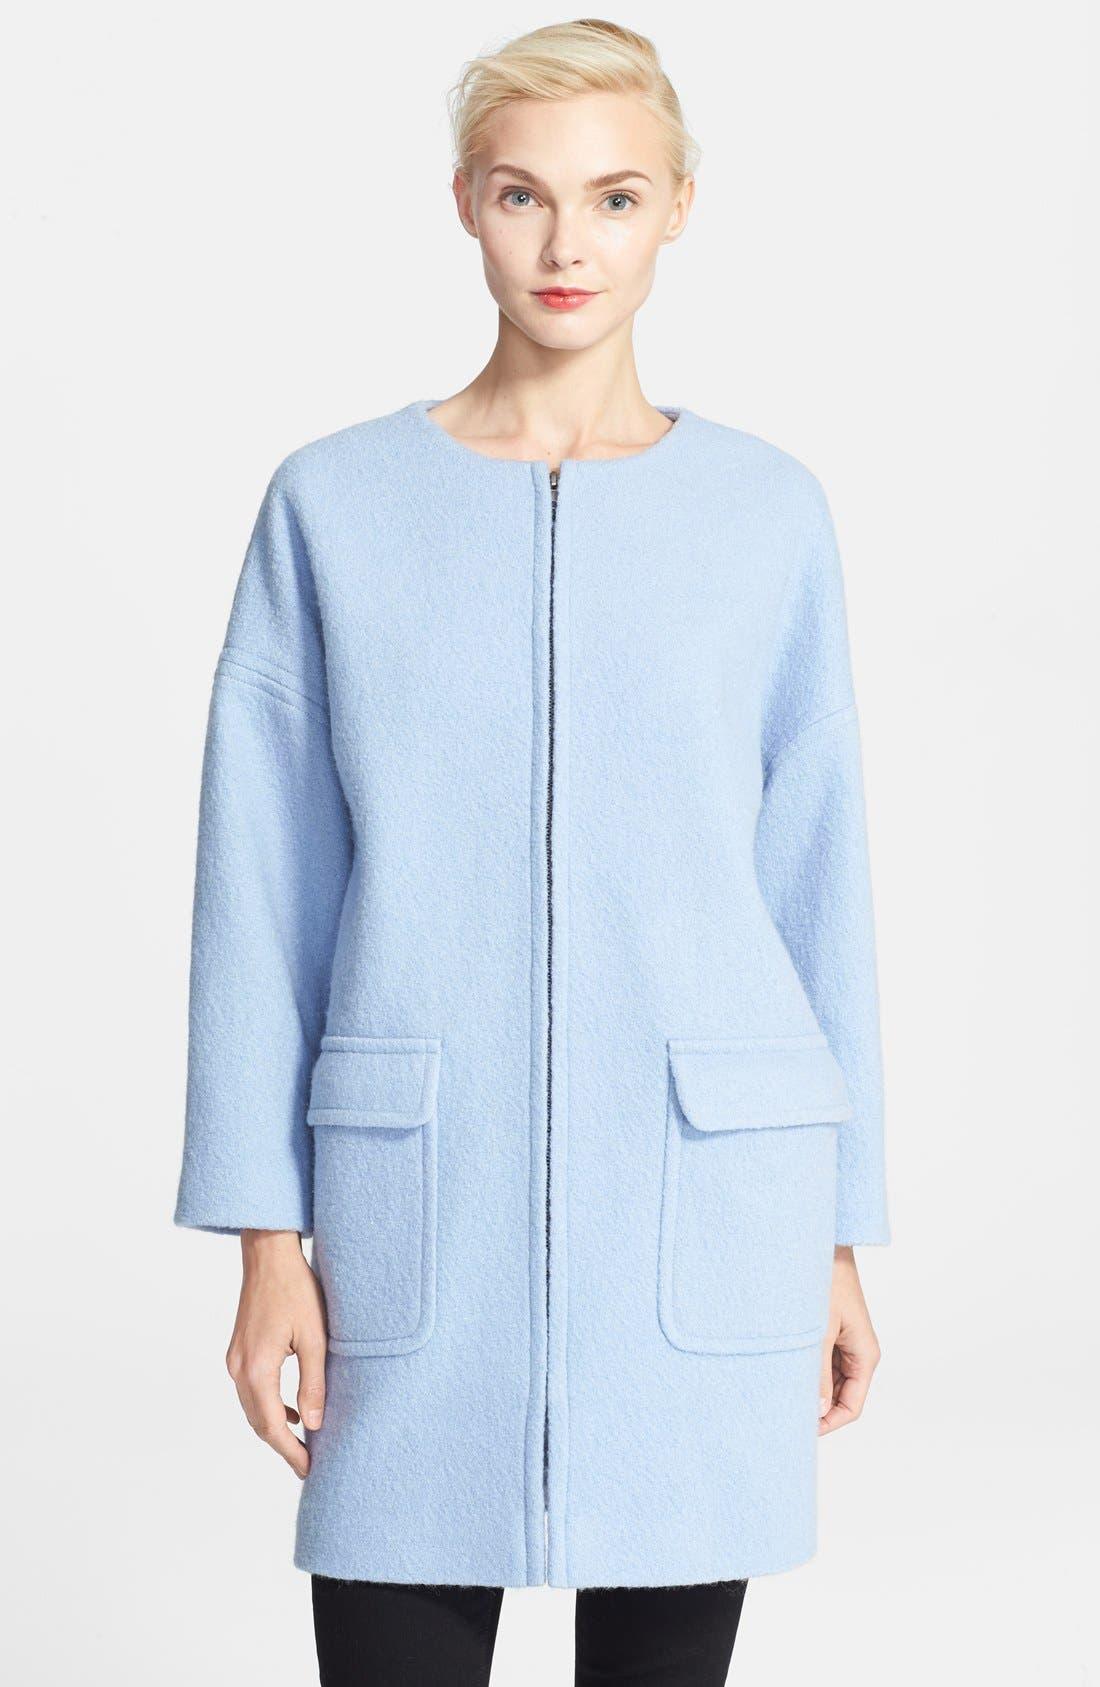 Alternate Image 1 Selected - Helene Berman Boiled Wool Cocoon Coat